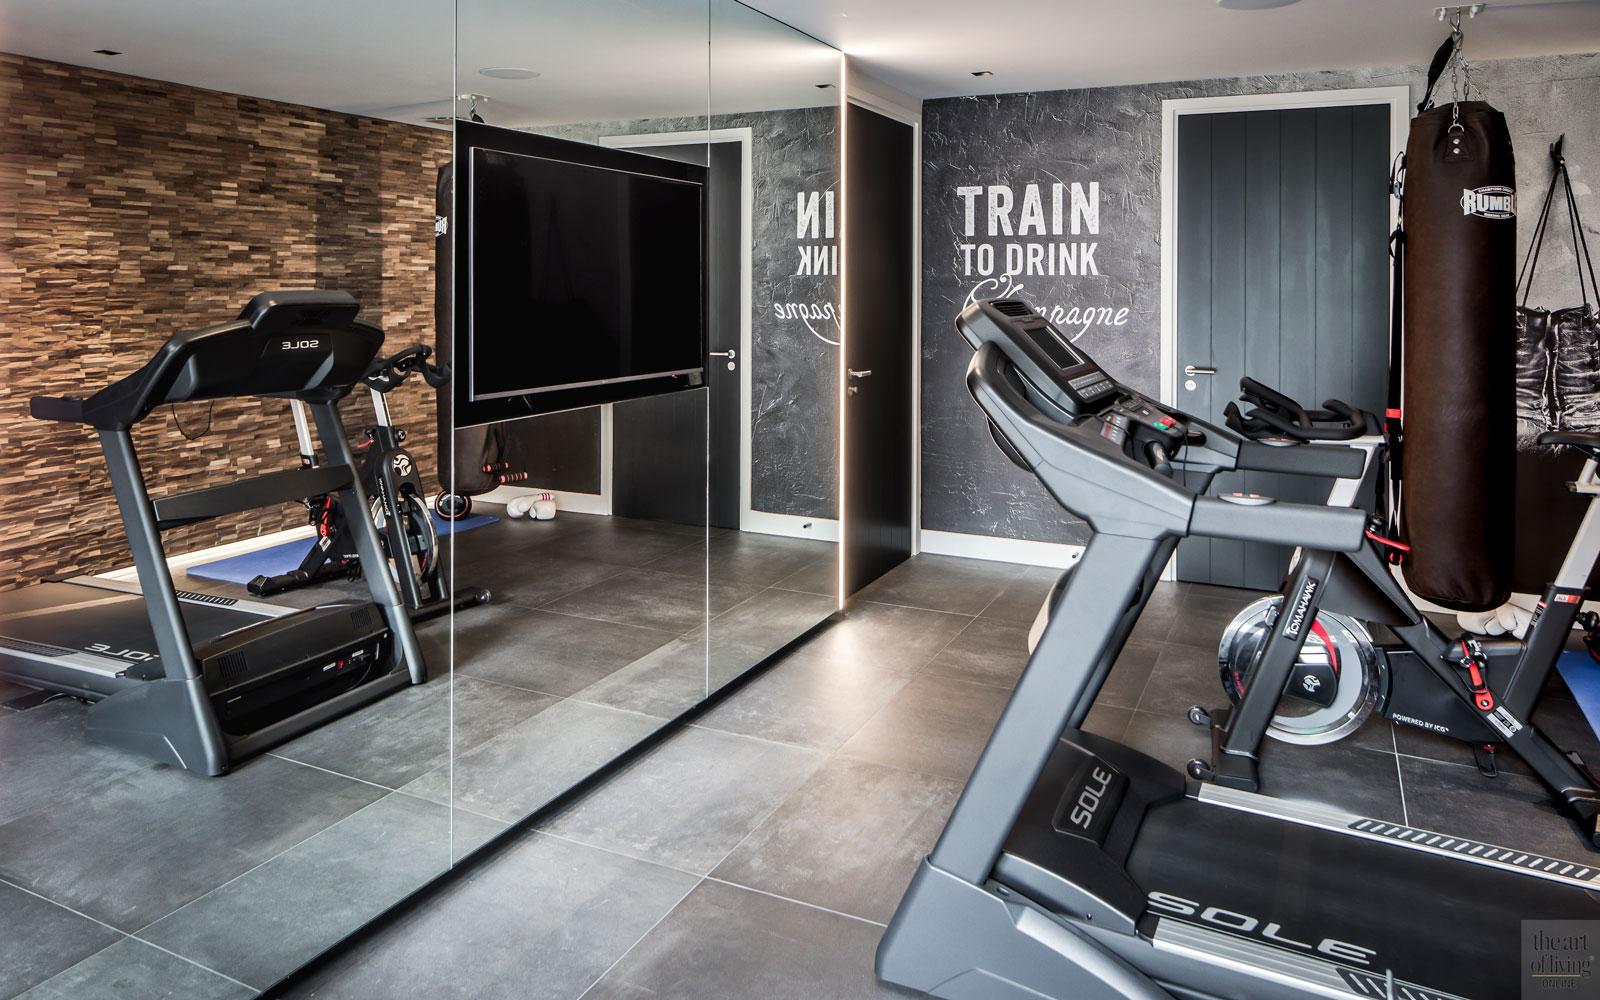 Fitnessruimte, sporten, televisie, geintegreerd, spiegelwand, landelijke nieuwbouw, Kabaz